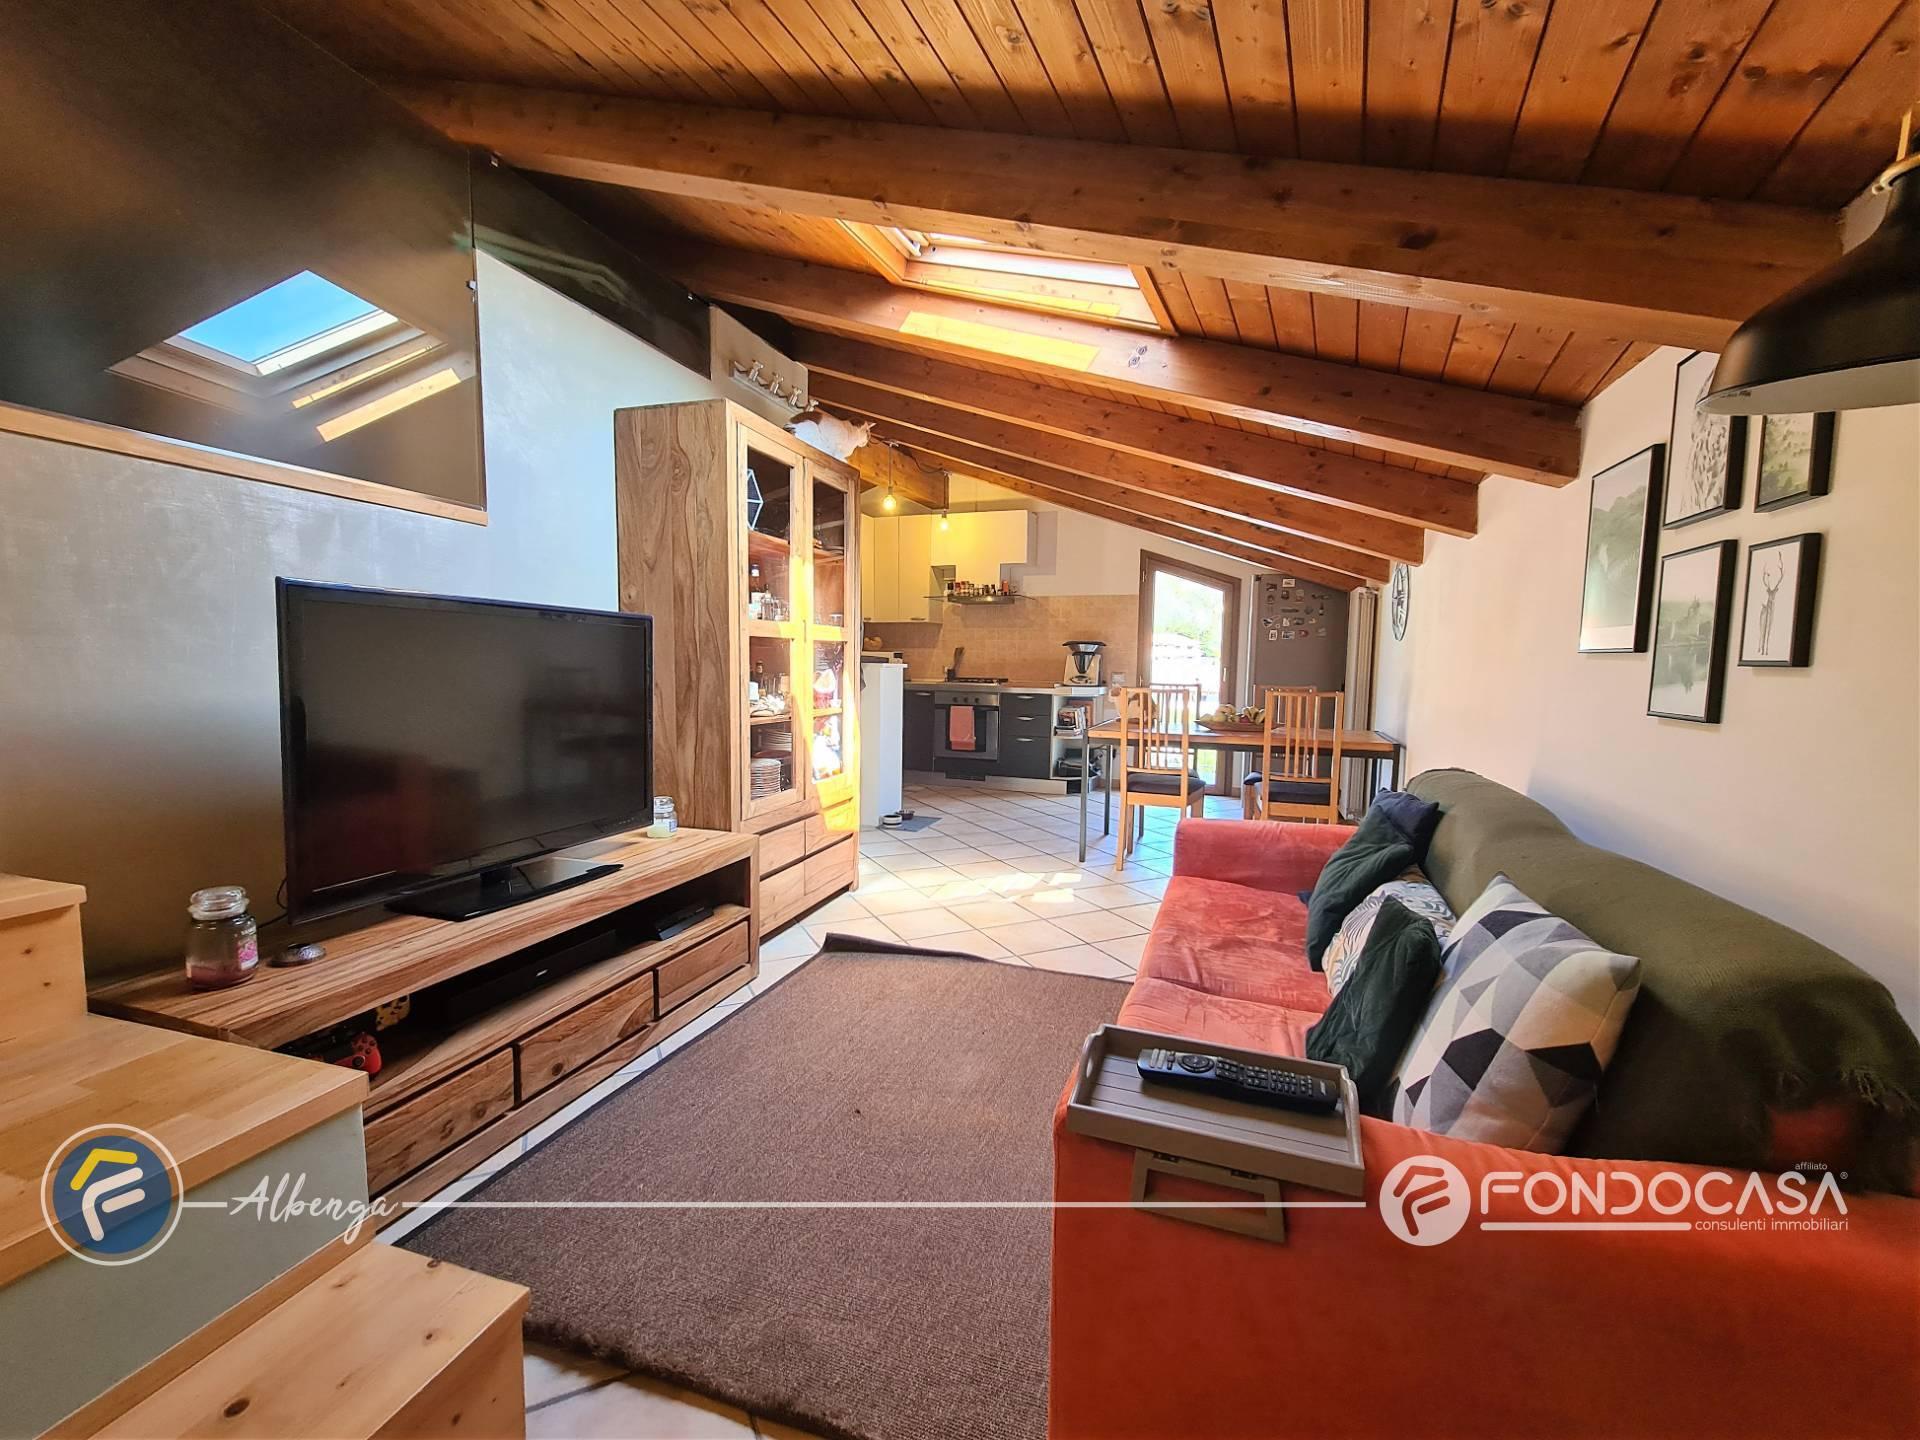 Appartamento in vendita a Ortovero, 2 locali, prezzo € 95.000 | CambioCasa.it